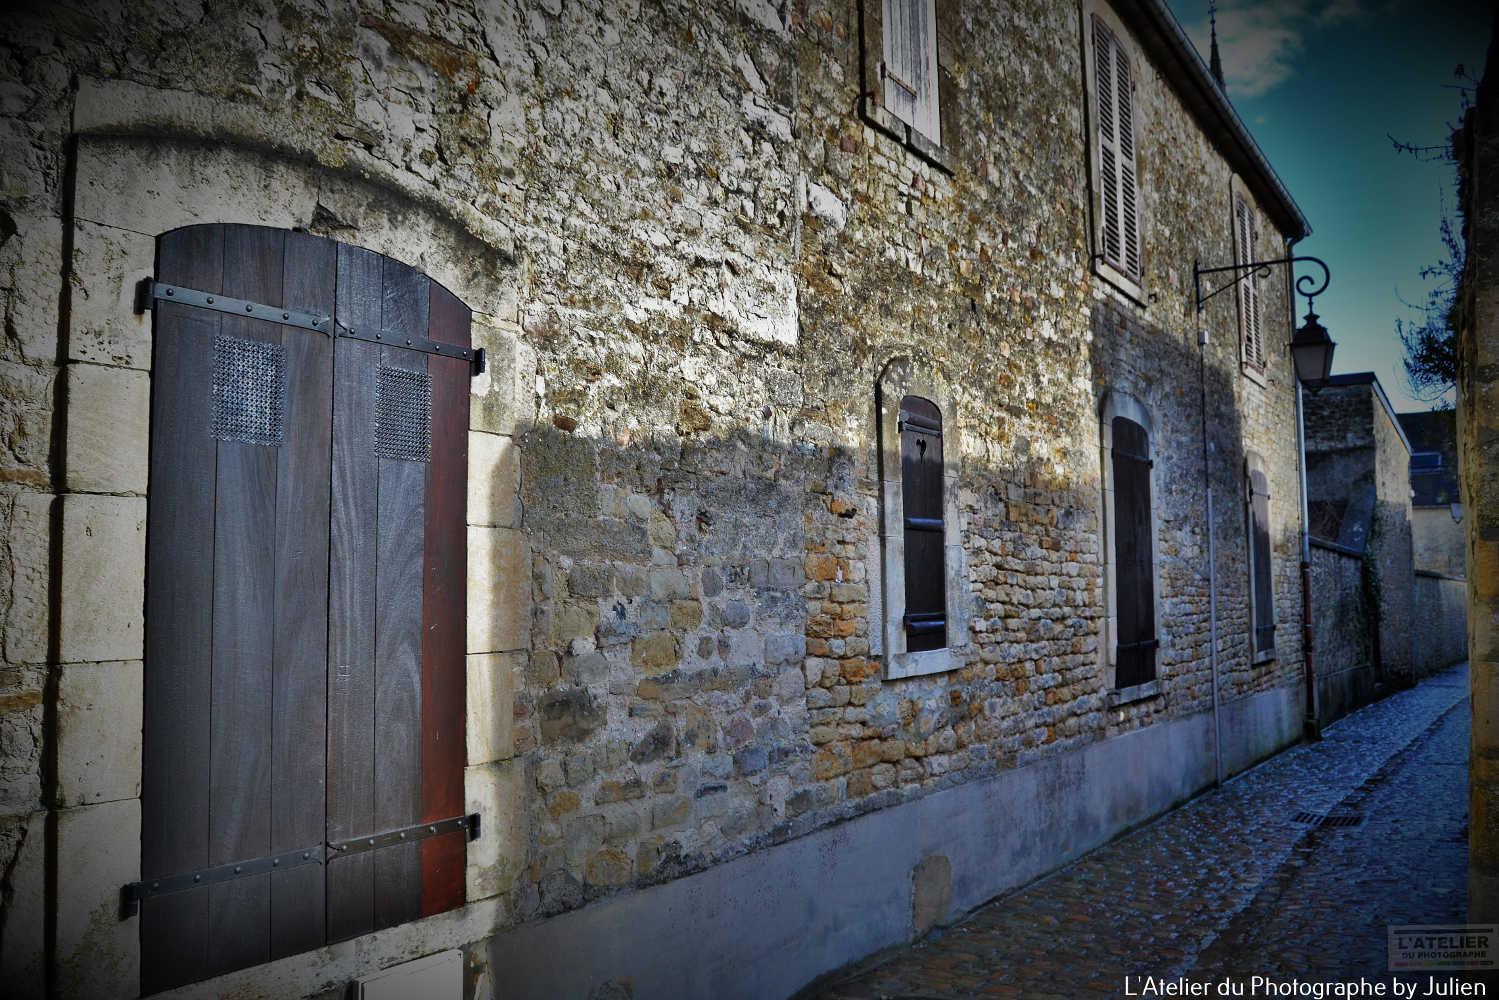 Carentan - Rue Chanvallon